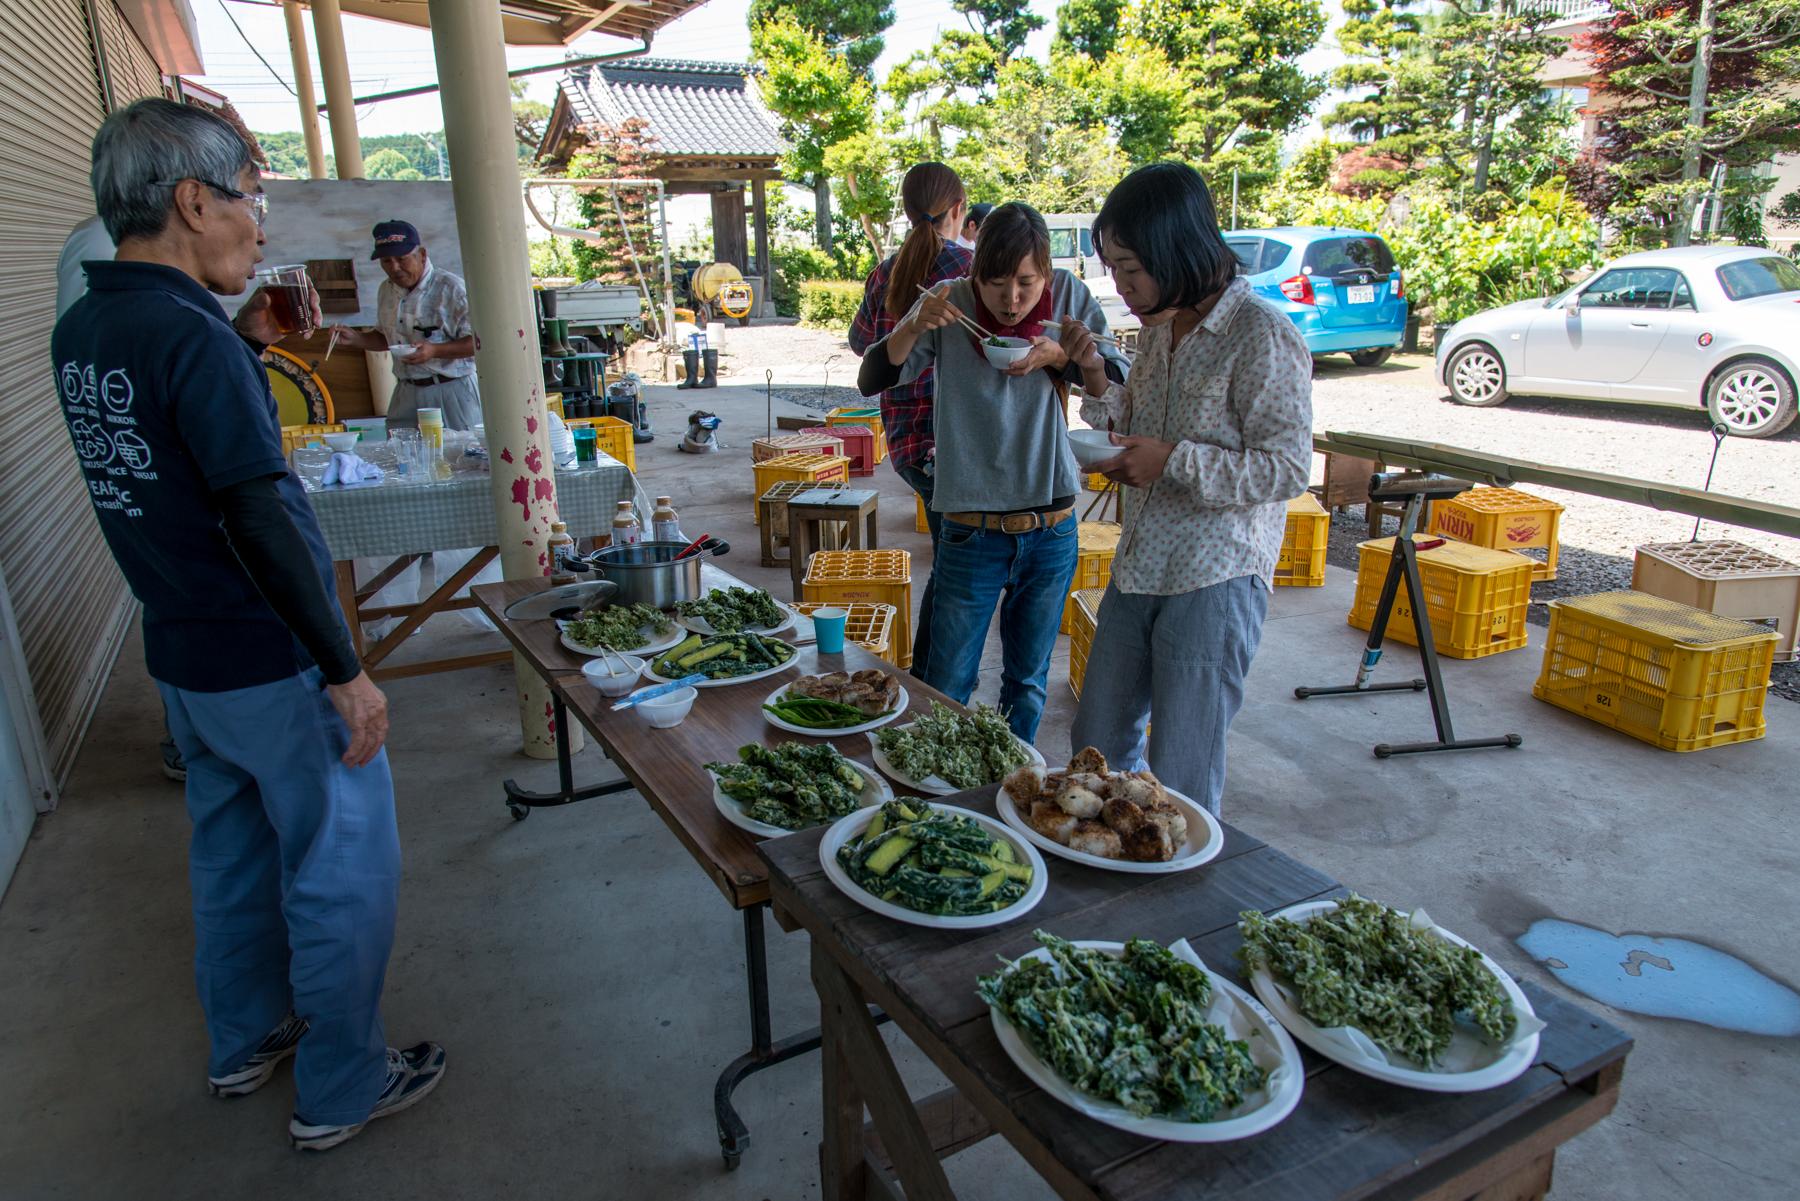 主役の座を奪うほど人気だった、天ぷらと焼きおにぎり。もちろん全て阿部梨園の農産物です